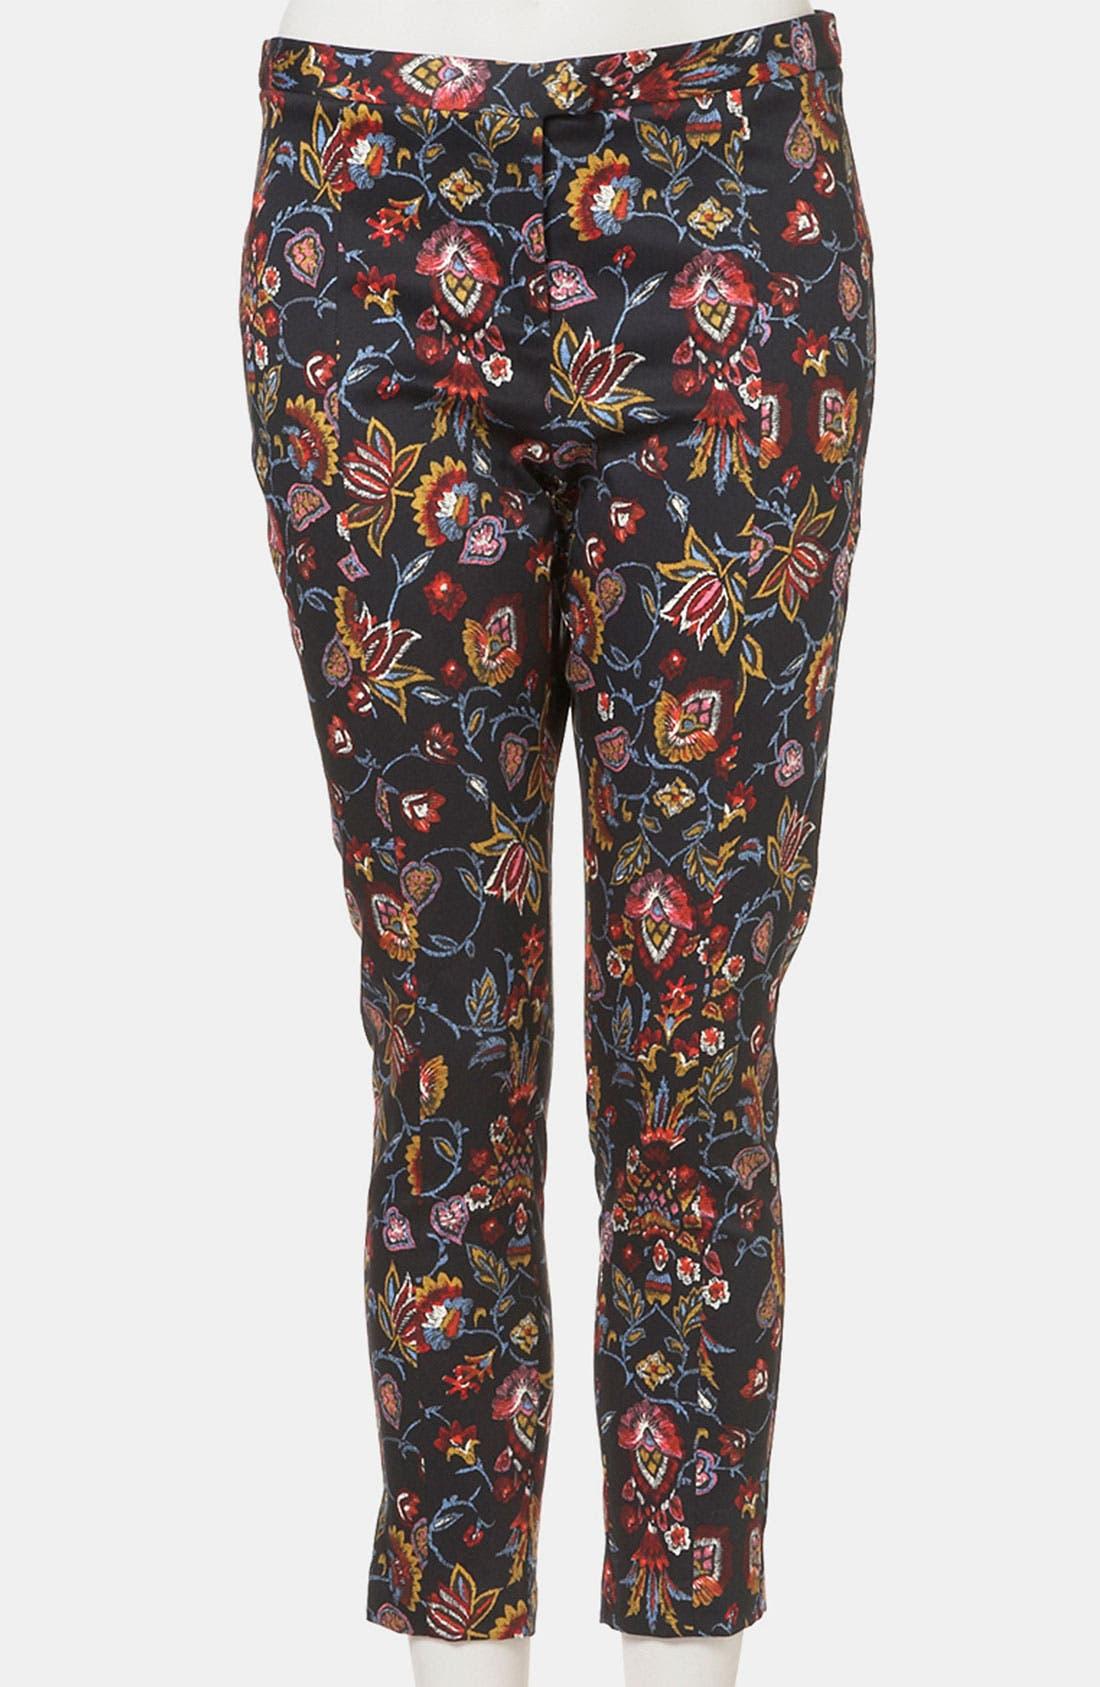 Alternate Image 1 Selected - Topshop Tapestry Print Skinny Pants (Petite)